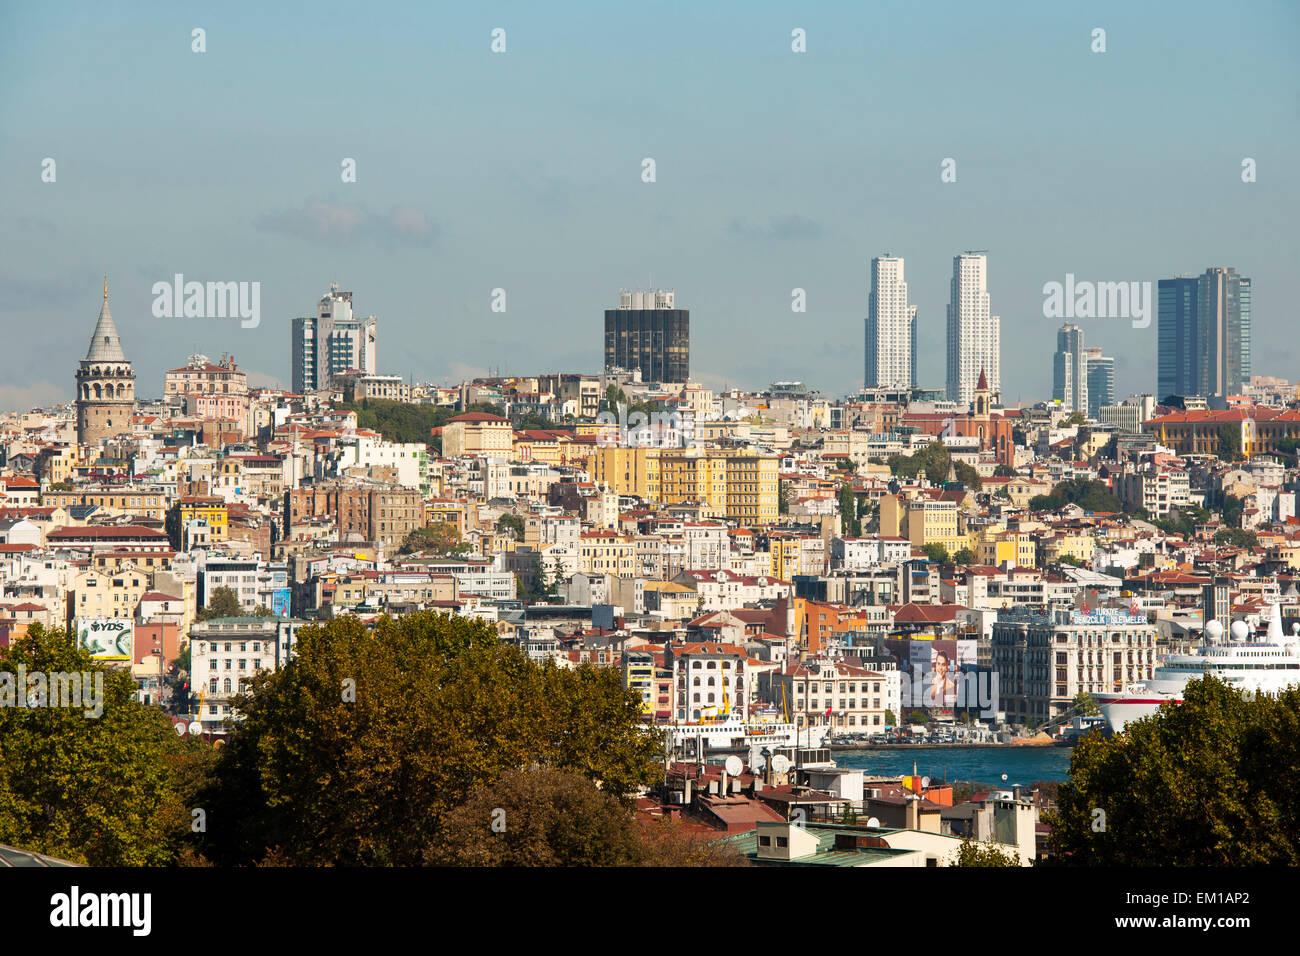 Istanbul, Blick von Sultanahmet über den Bosporus - Stock Image